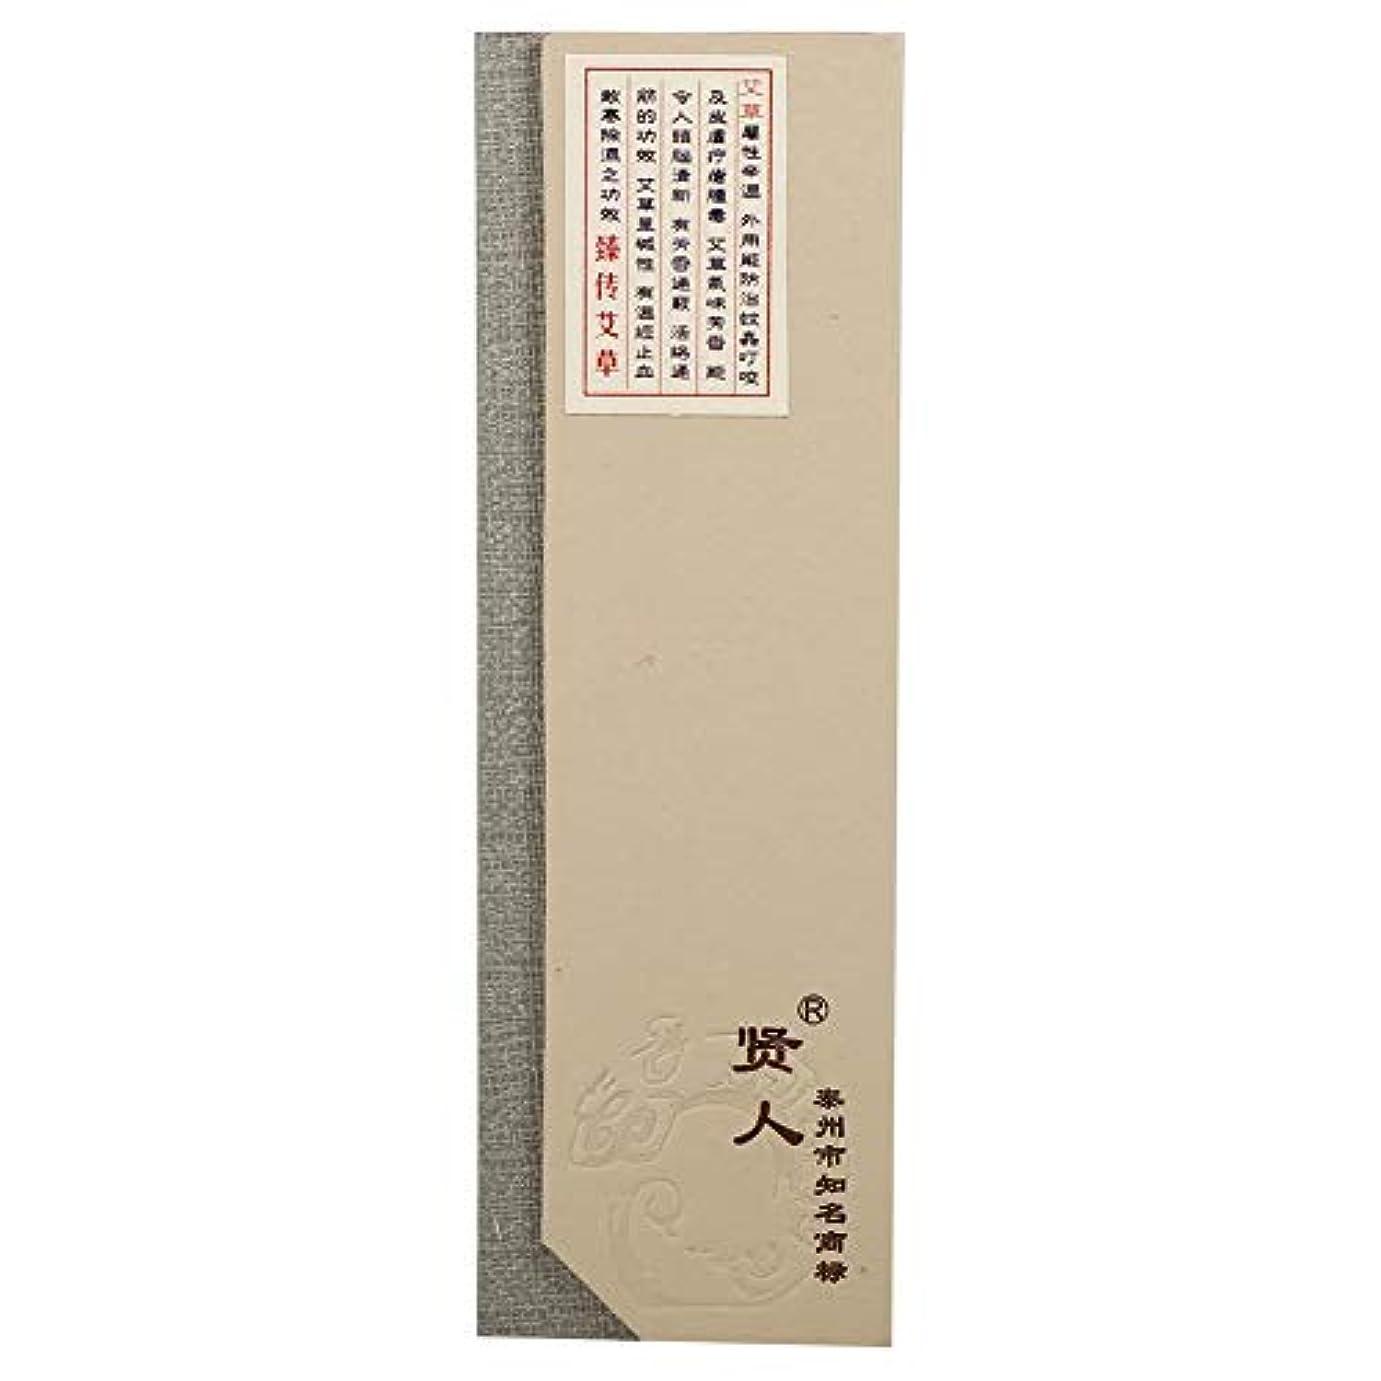 フリースルネッサンス見かけ上180ピース/パック自然香スティック、東洋仏教の香り自然香スティック+ケースサンダルウッド家、SPA、浴室、オフィス(#2(よもぎ香))